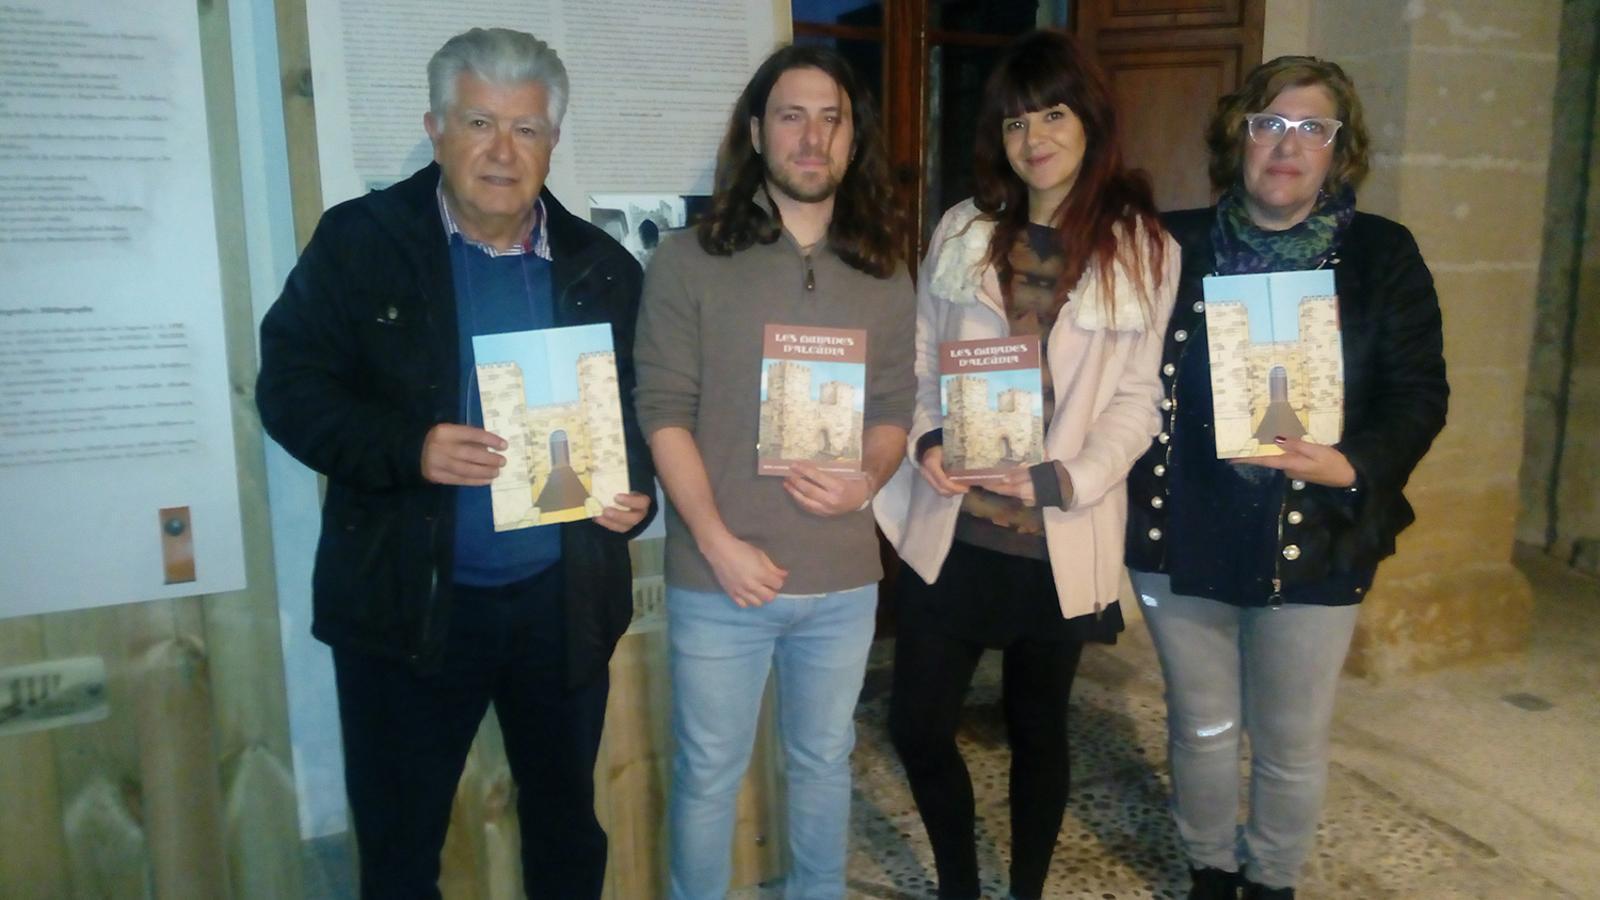 El batle, els autors del treball i la regidora de Cultura i Patrimoni, amb la guia sobre les fortificacions.